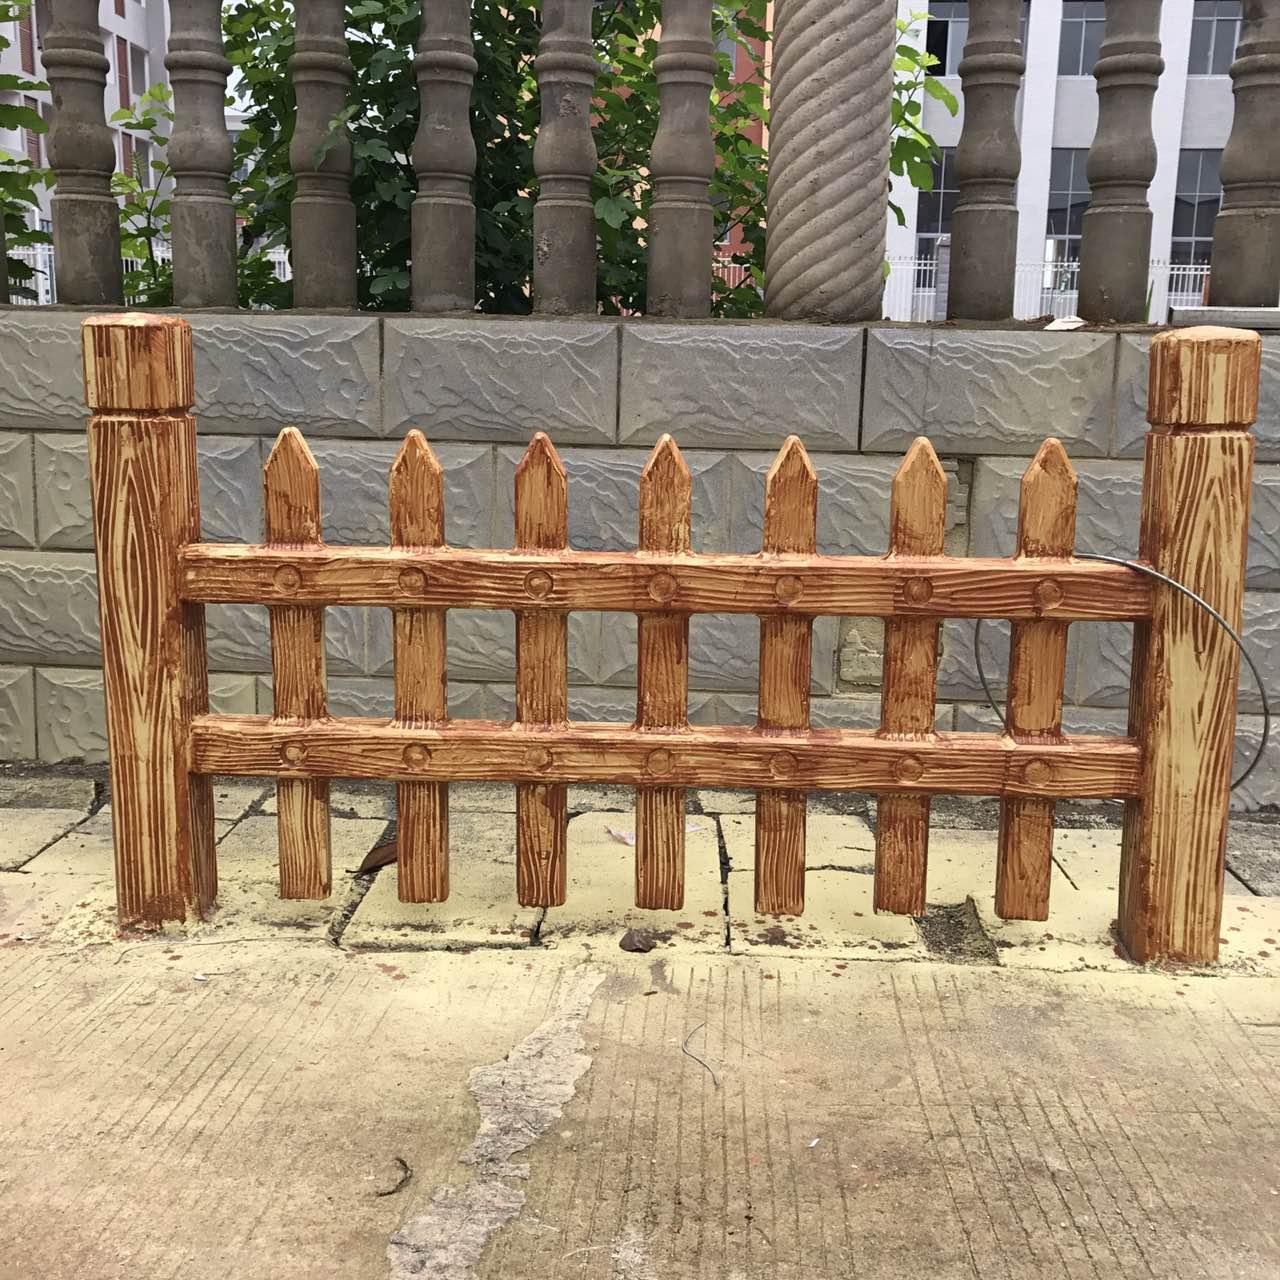 湖南仿木栏杆模具,湖南水泥围栏模具,湖南罗马柱模具,湖南山花围栏